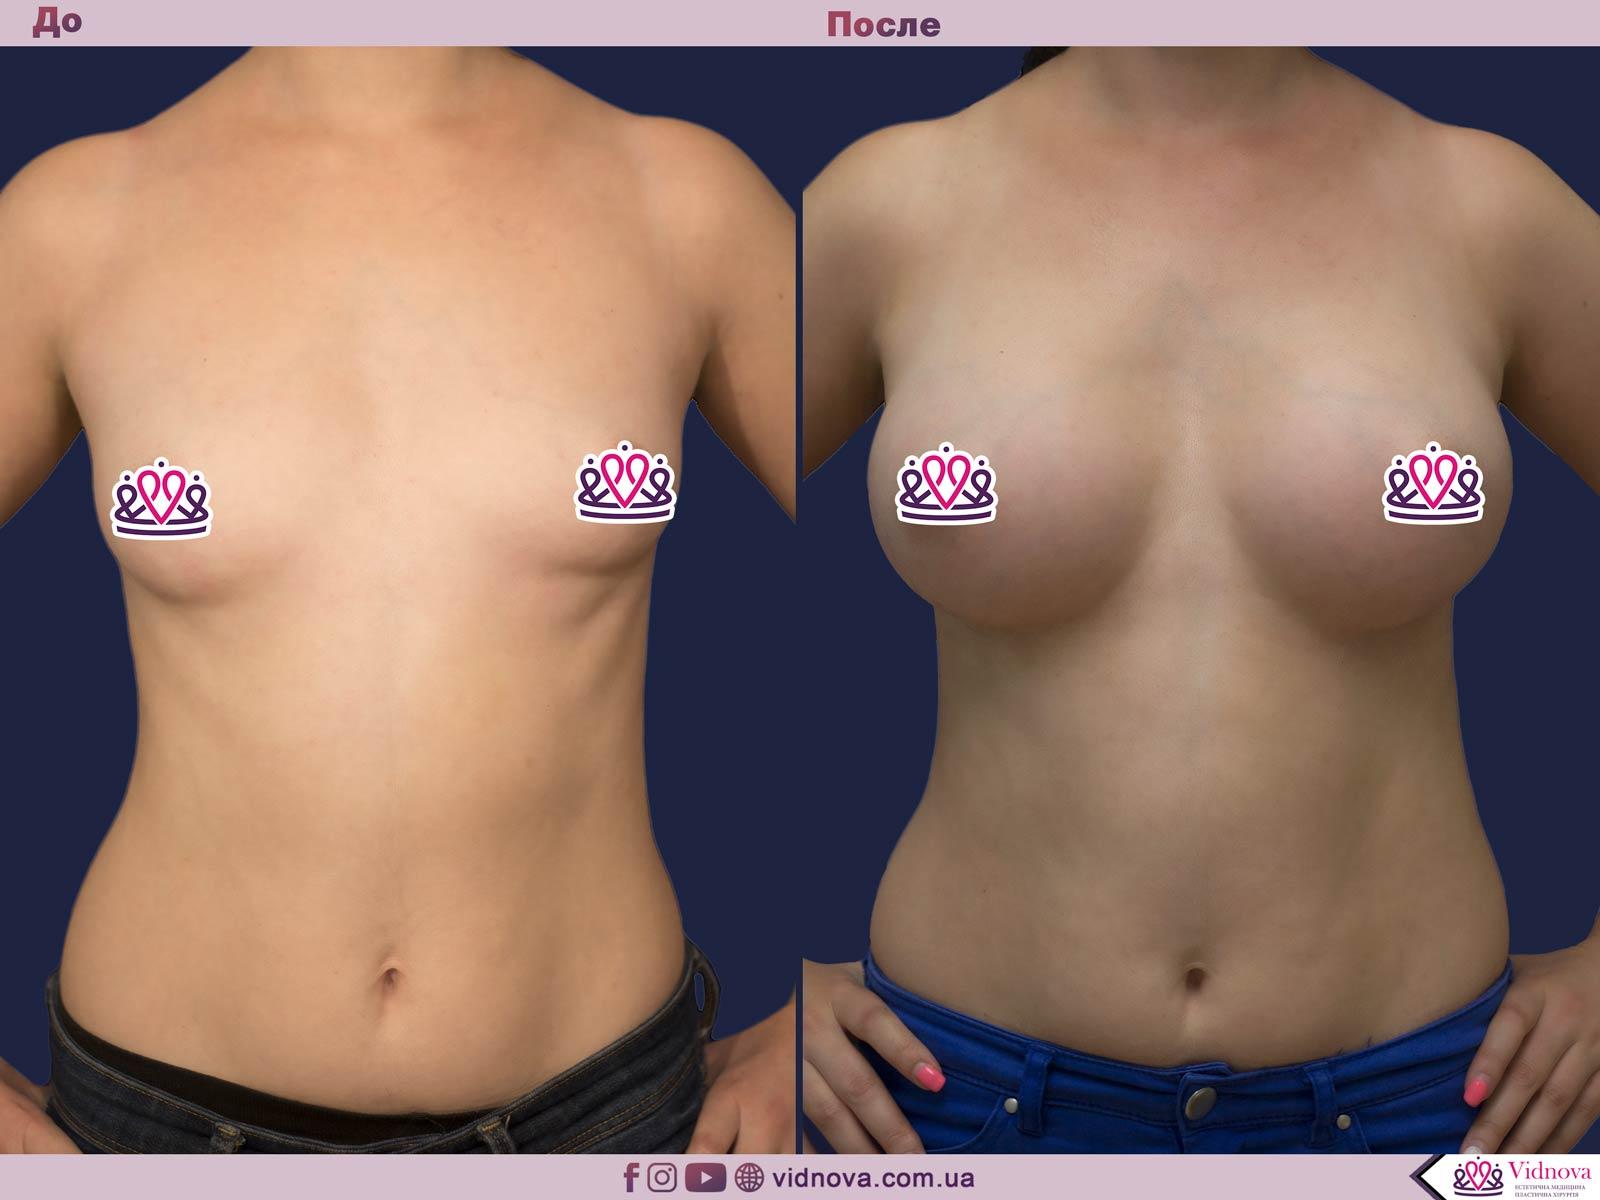 Пластика груди: результаты до и после - Пример №18-0 - Светлана Работенко